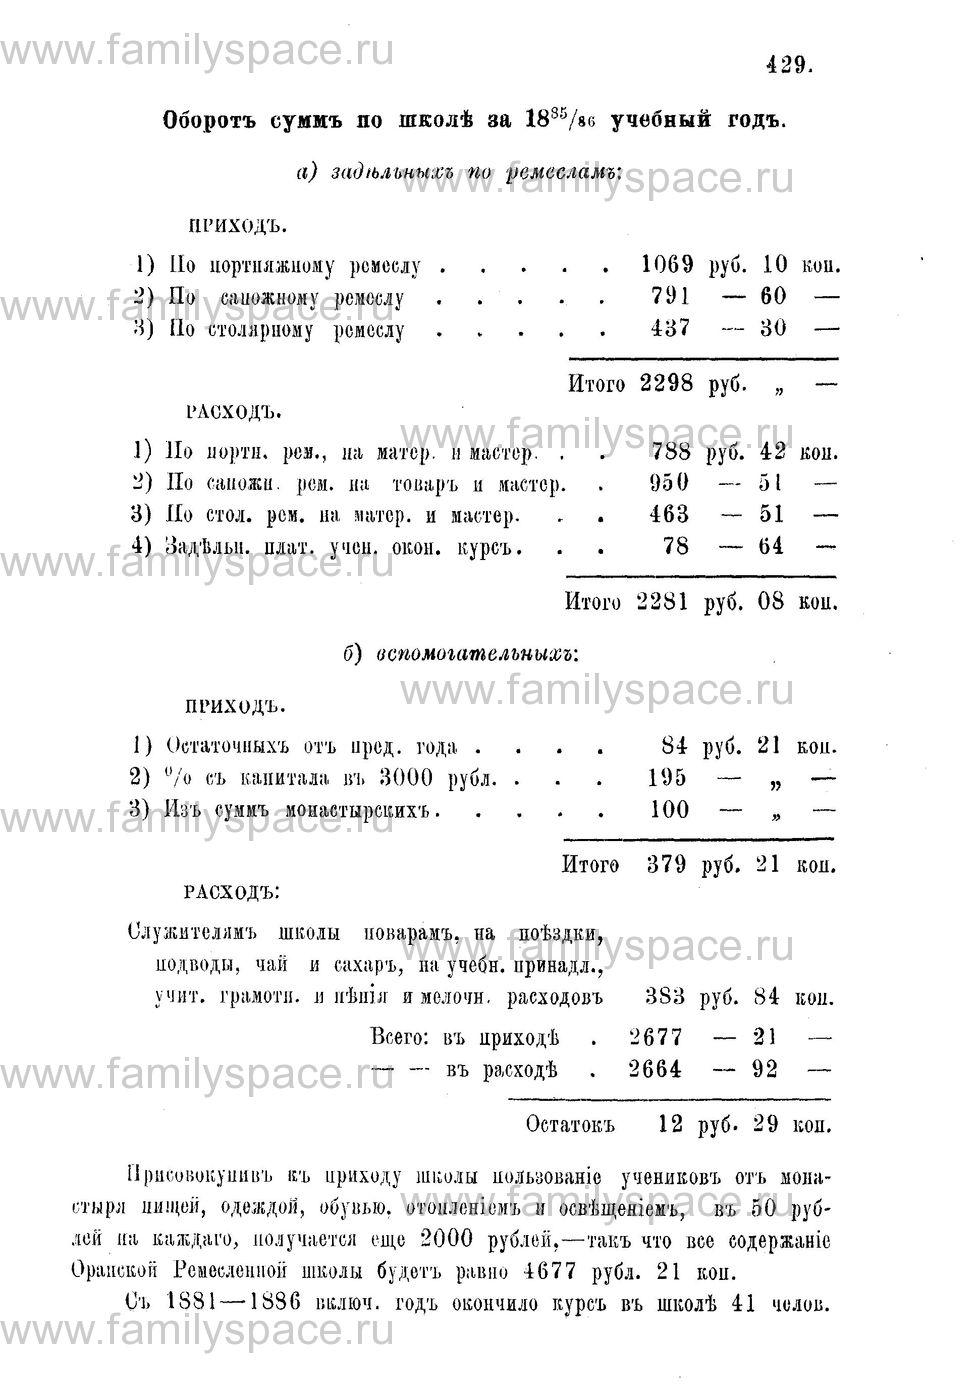 Поиск по фамилии - Адрес-календарь Нижегородской епархии на 1888 год, страница 1429